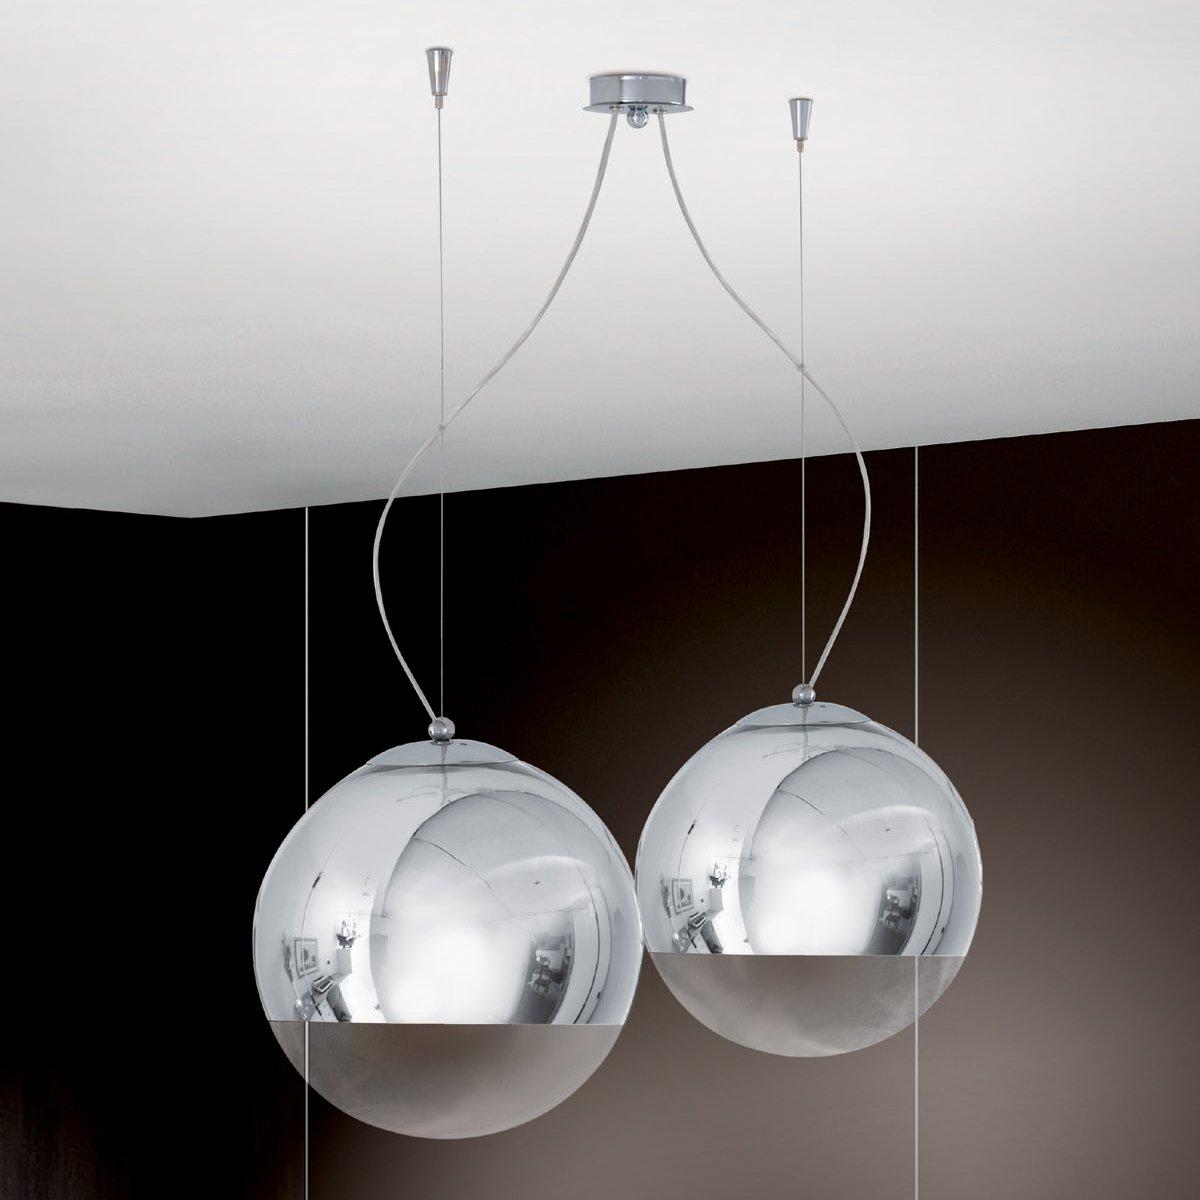 Lampadario Sospensione 1 Luci Cromo Design Moderno- Collezione Bolla ...